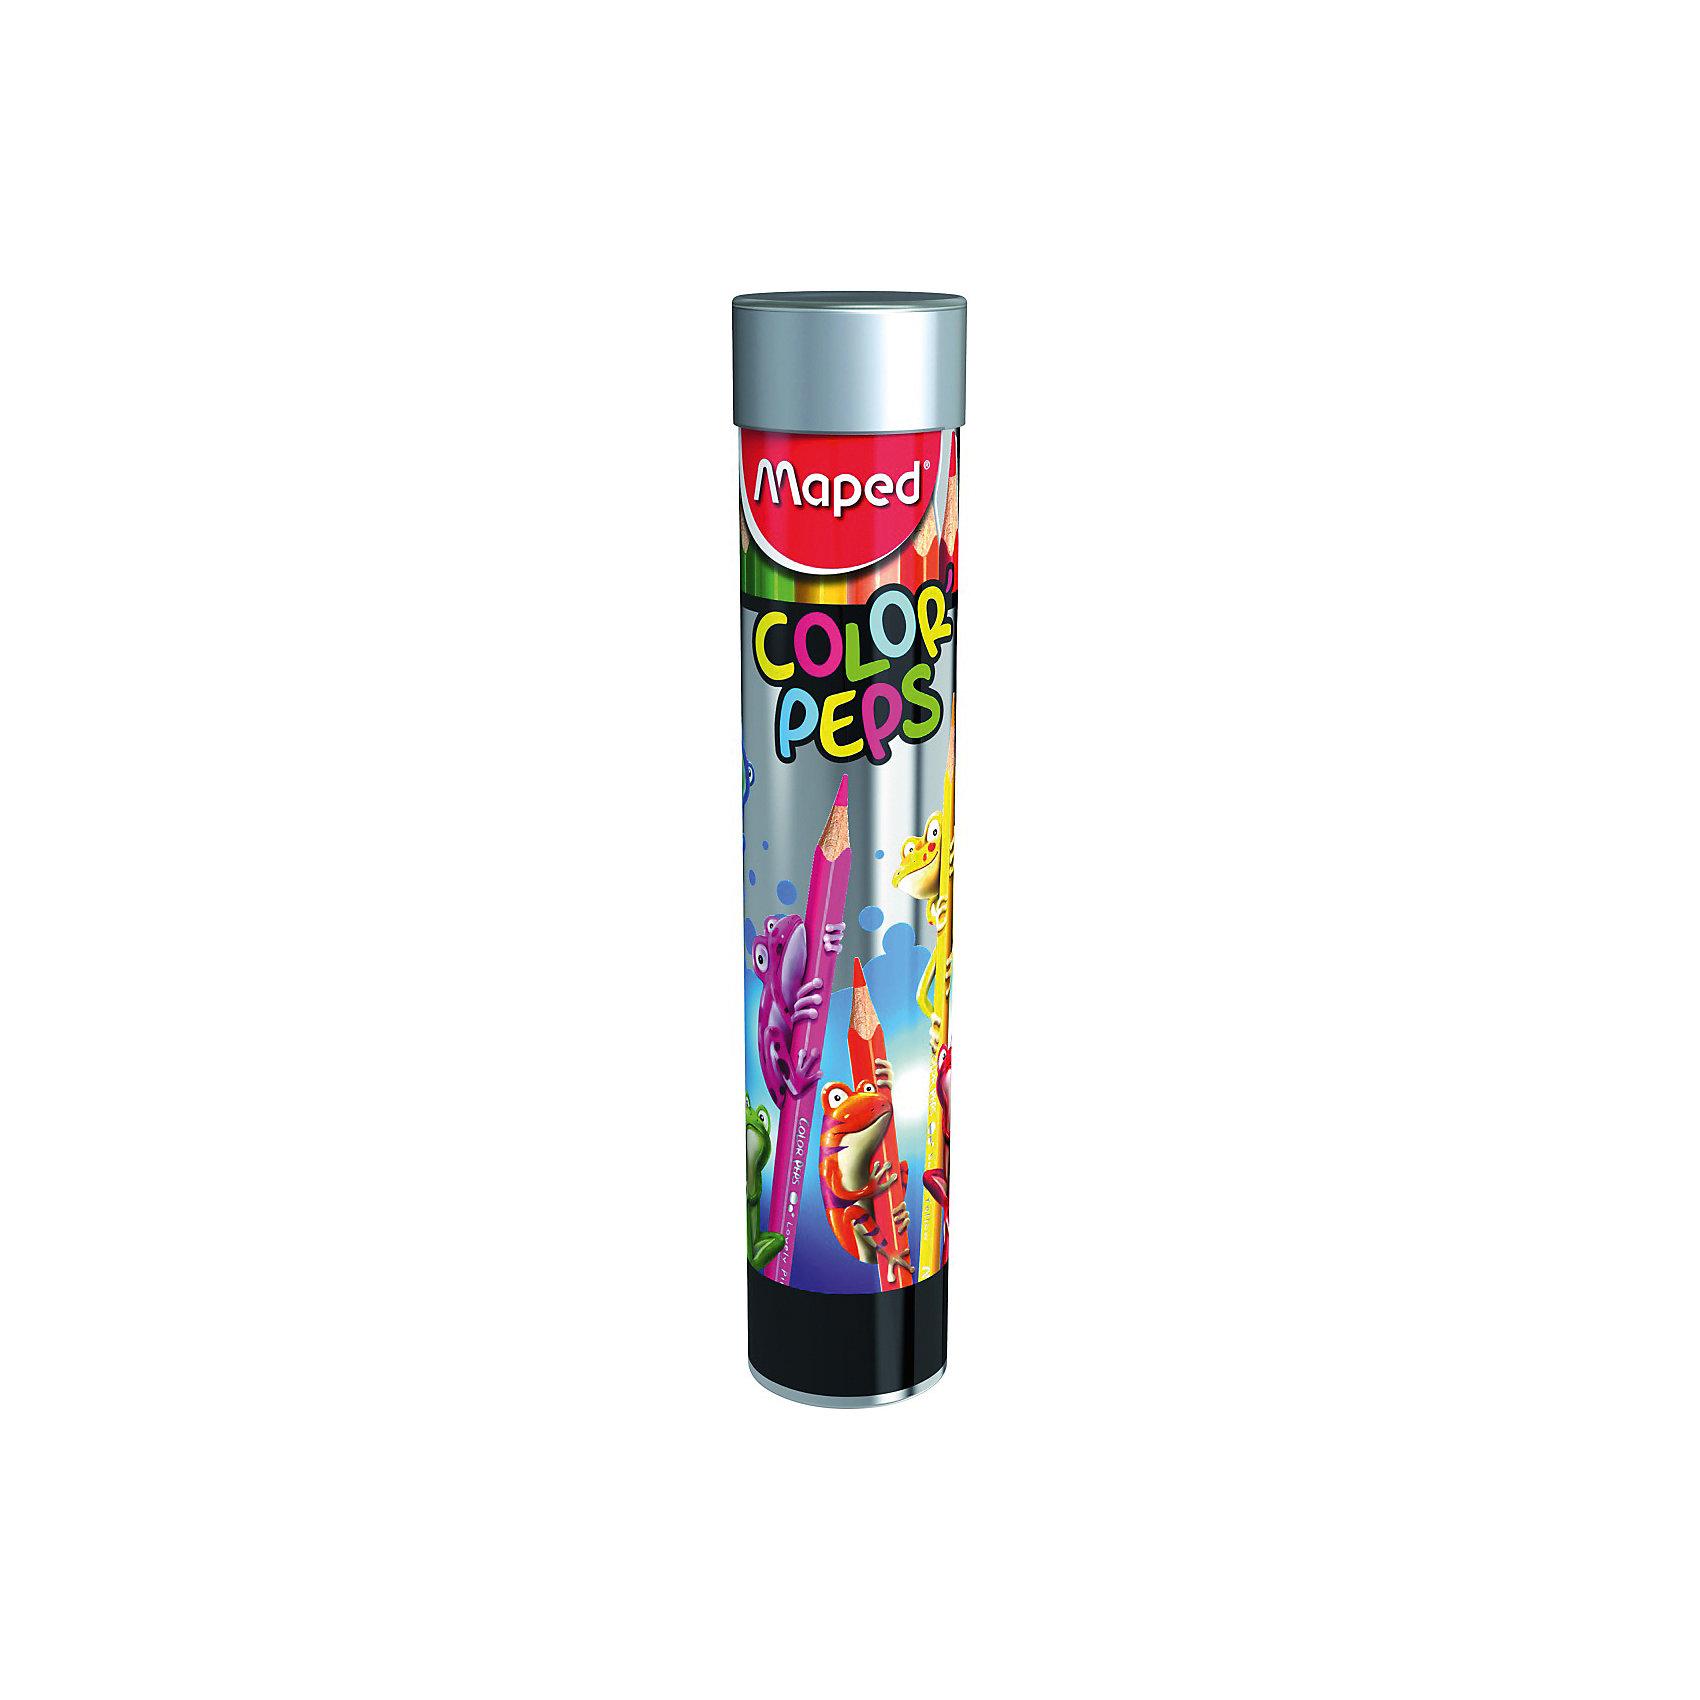 Карандаши цветные Maped, 12 цветовПисьменные принадлежности<br>Характеристики:<br><br>• возраст: от 3 лет<br>• в наборе: 12 карандашей ярких и насыщенных цветов<br>• количество цветов: 12<br>• твердость грифеля: средняя<br>• материал корпуса: дерево<br>• диаметр грифеля: 2,5 мм.<br>• упаковка: металлический тубус<br>• размер упаковки: 3,8х18,8х3,8 см.<br>• вес: 98 гр.<br><br>Набор цветных карандашей идеален для раскрашивания, рисования и скетчей. Эргономичный трехгранный корпус из американской липы особенно удобен для маленьких детских ручек. Ударопрочный грифель не ломается и не крошится при заточке.<br><br>Карандаши соответствуют действующим стандартам качества детских игрушек. Металлический тубус в ярком и оригинальном исполнении разработан специально для детей.<br><br>MAPED Карандаши цветные 12 цветов в тубусе-подставке можно купить в нашем интернет-магазине.<br><br>Ширина мм: 38<br>Глубина мм: 188<br>Высота мм: 38<br>Вес г: 97<br>Возраст от месяцев: 36<br>Возраст до месяцев: 2147483647<br>Пол: Унисекс<br>Возраст: Детский<br>SKU: 7065310